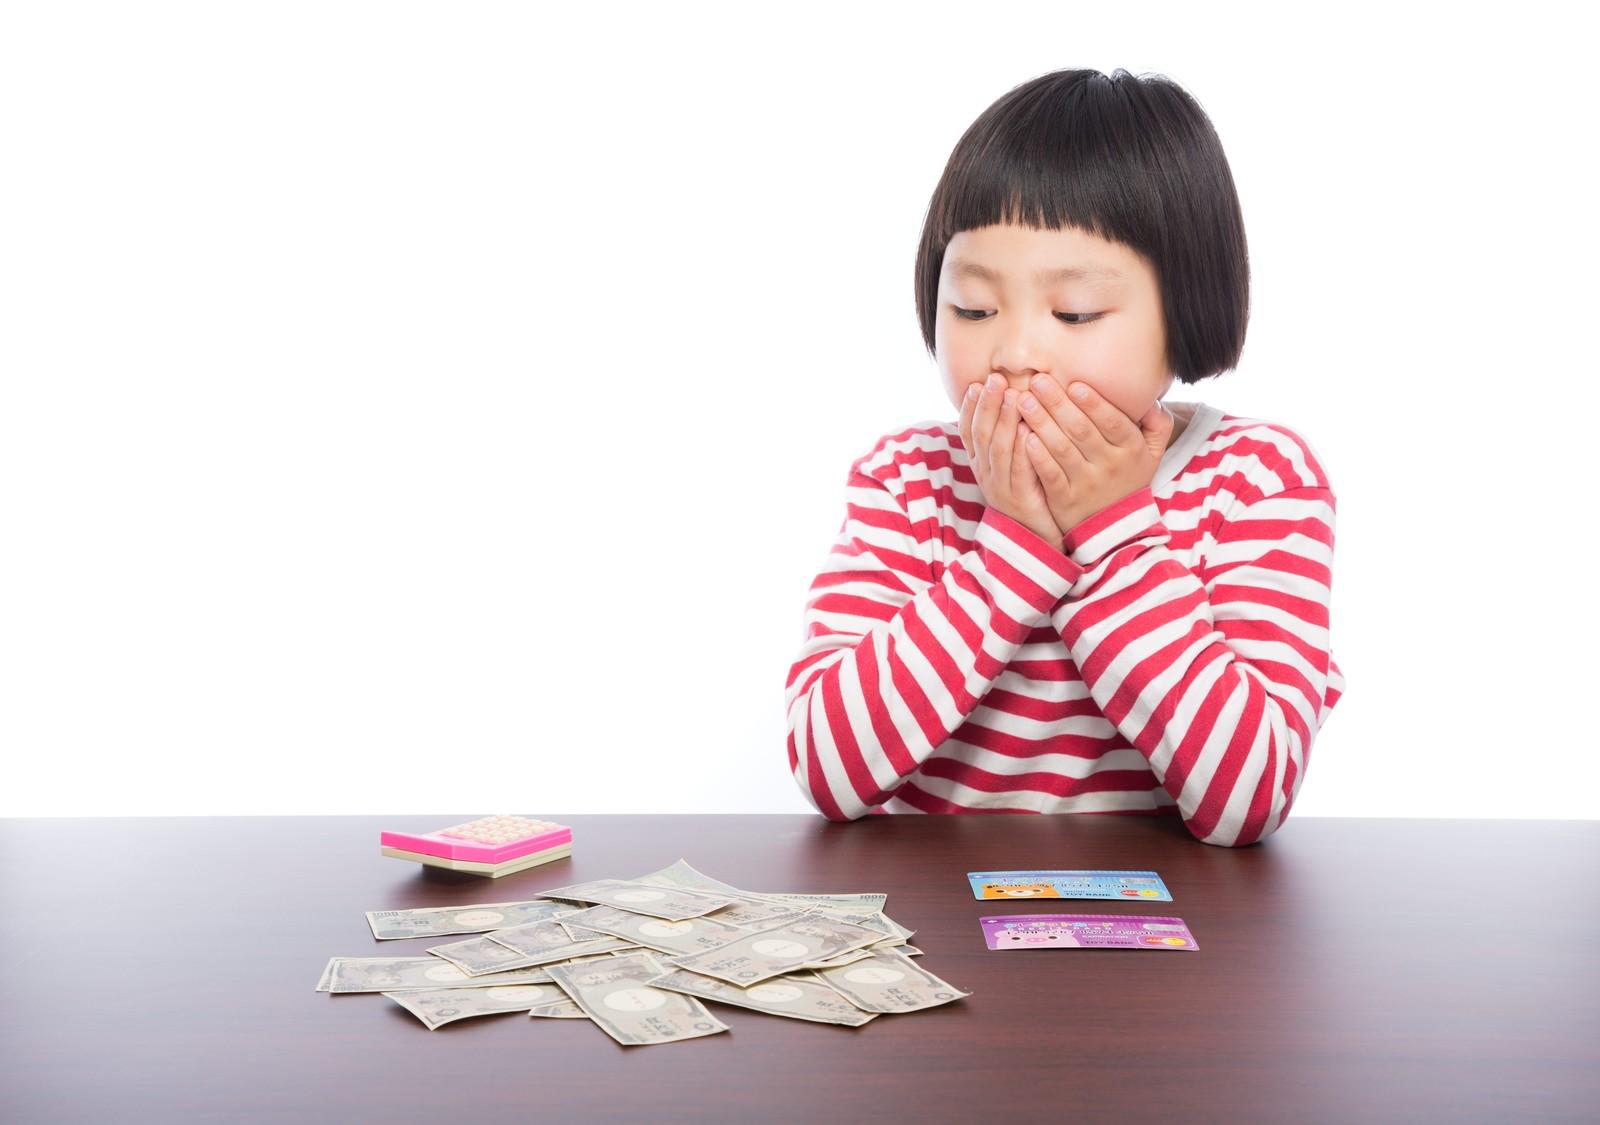 利益とお金の関係をつかめば財務が分かる!